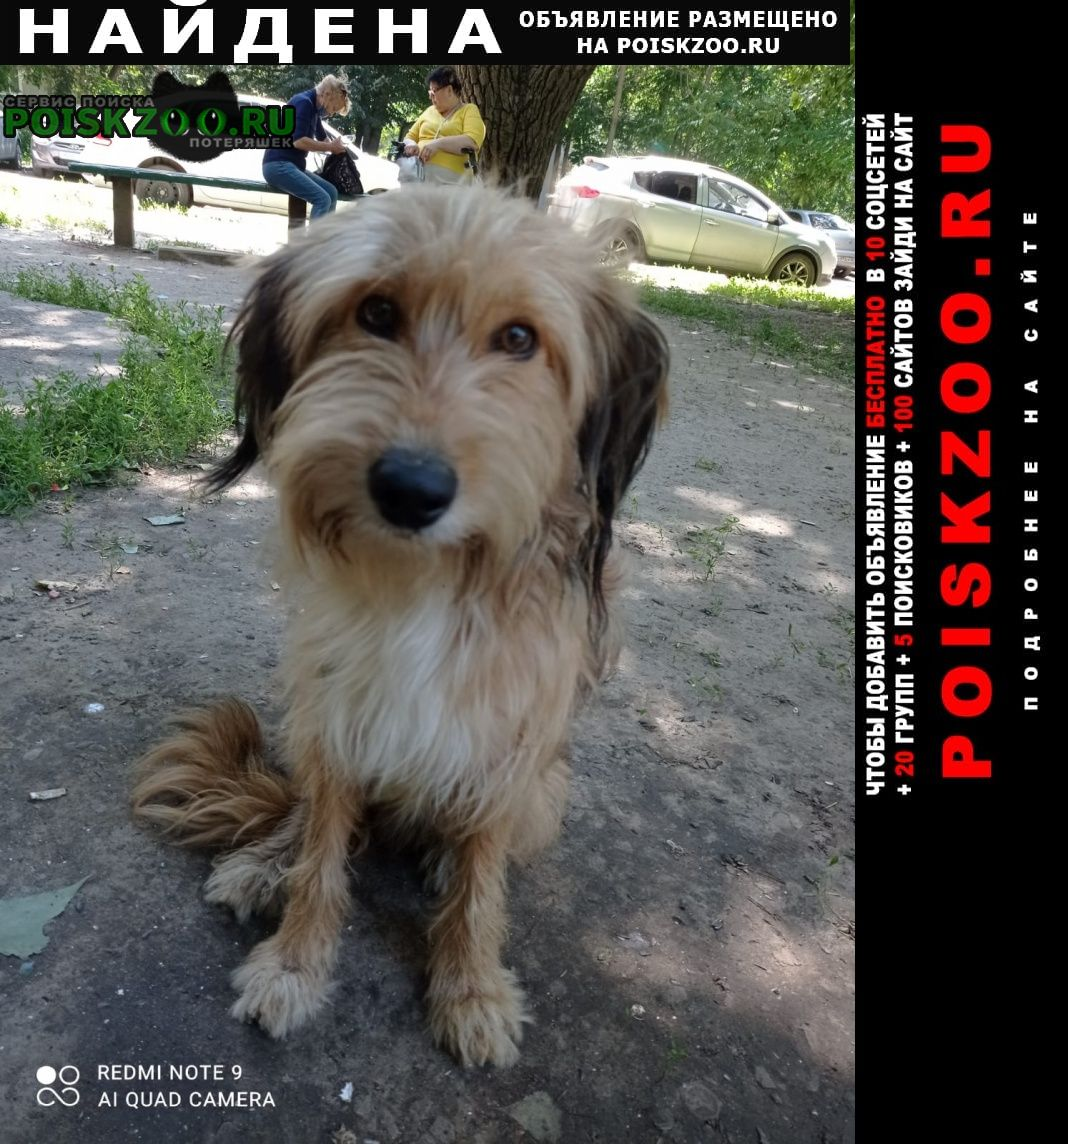 Ростов-на-Дону Найдена собака кобель пёсик ростов зжм